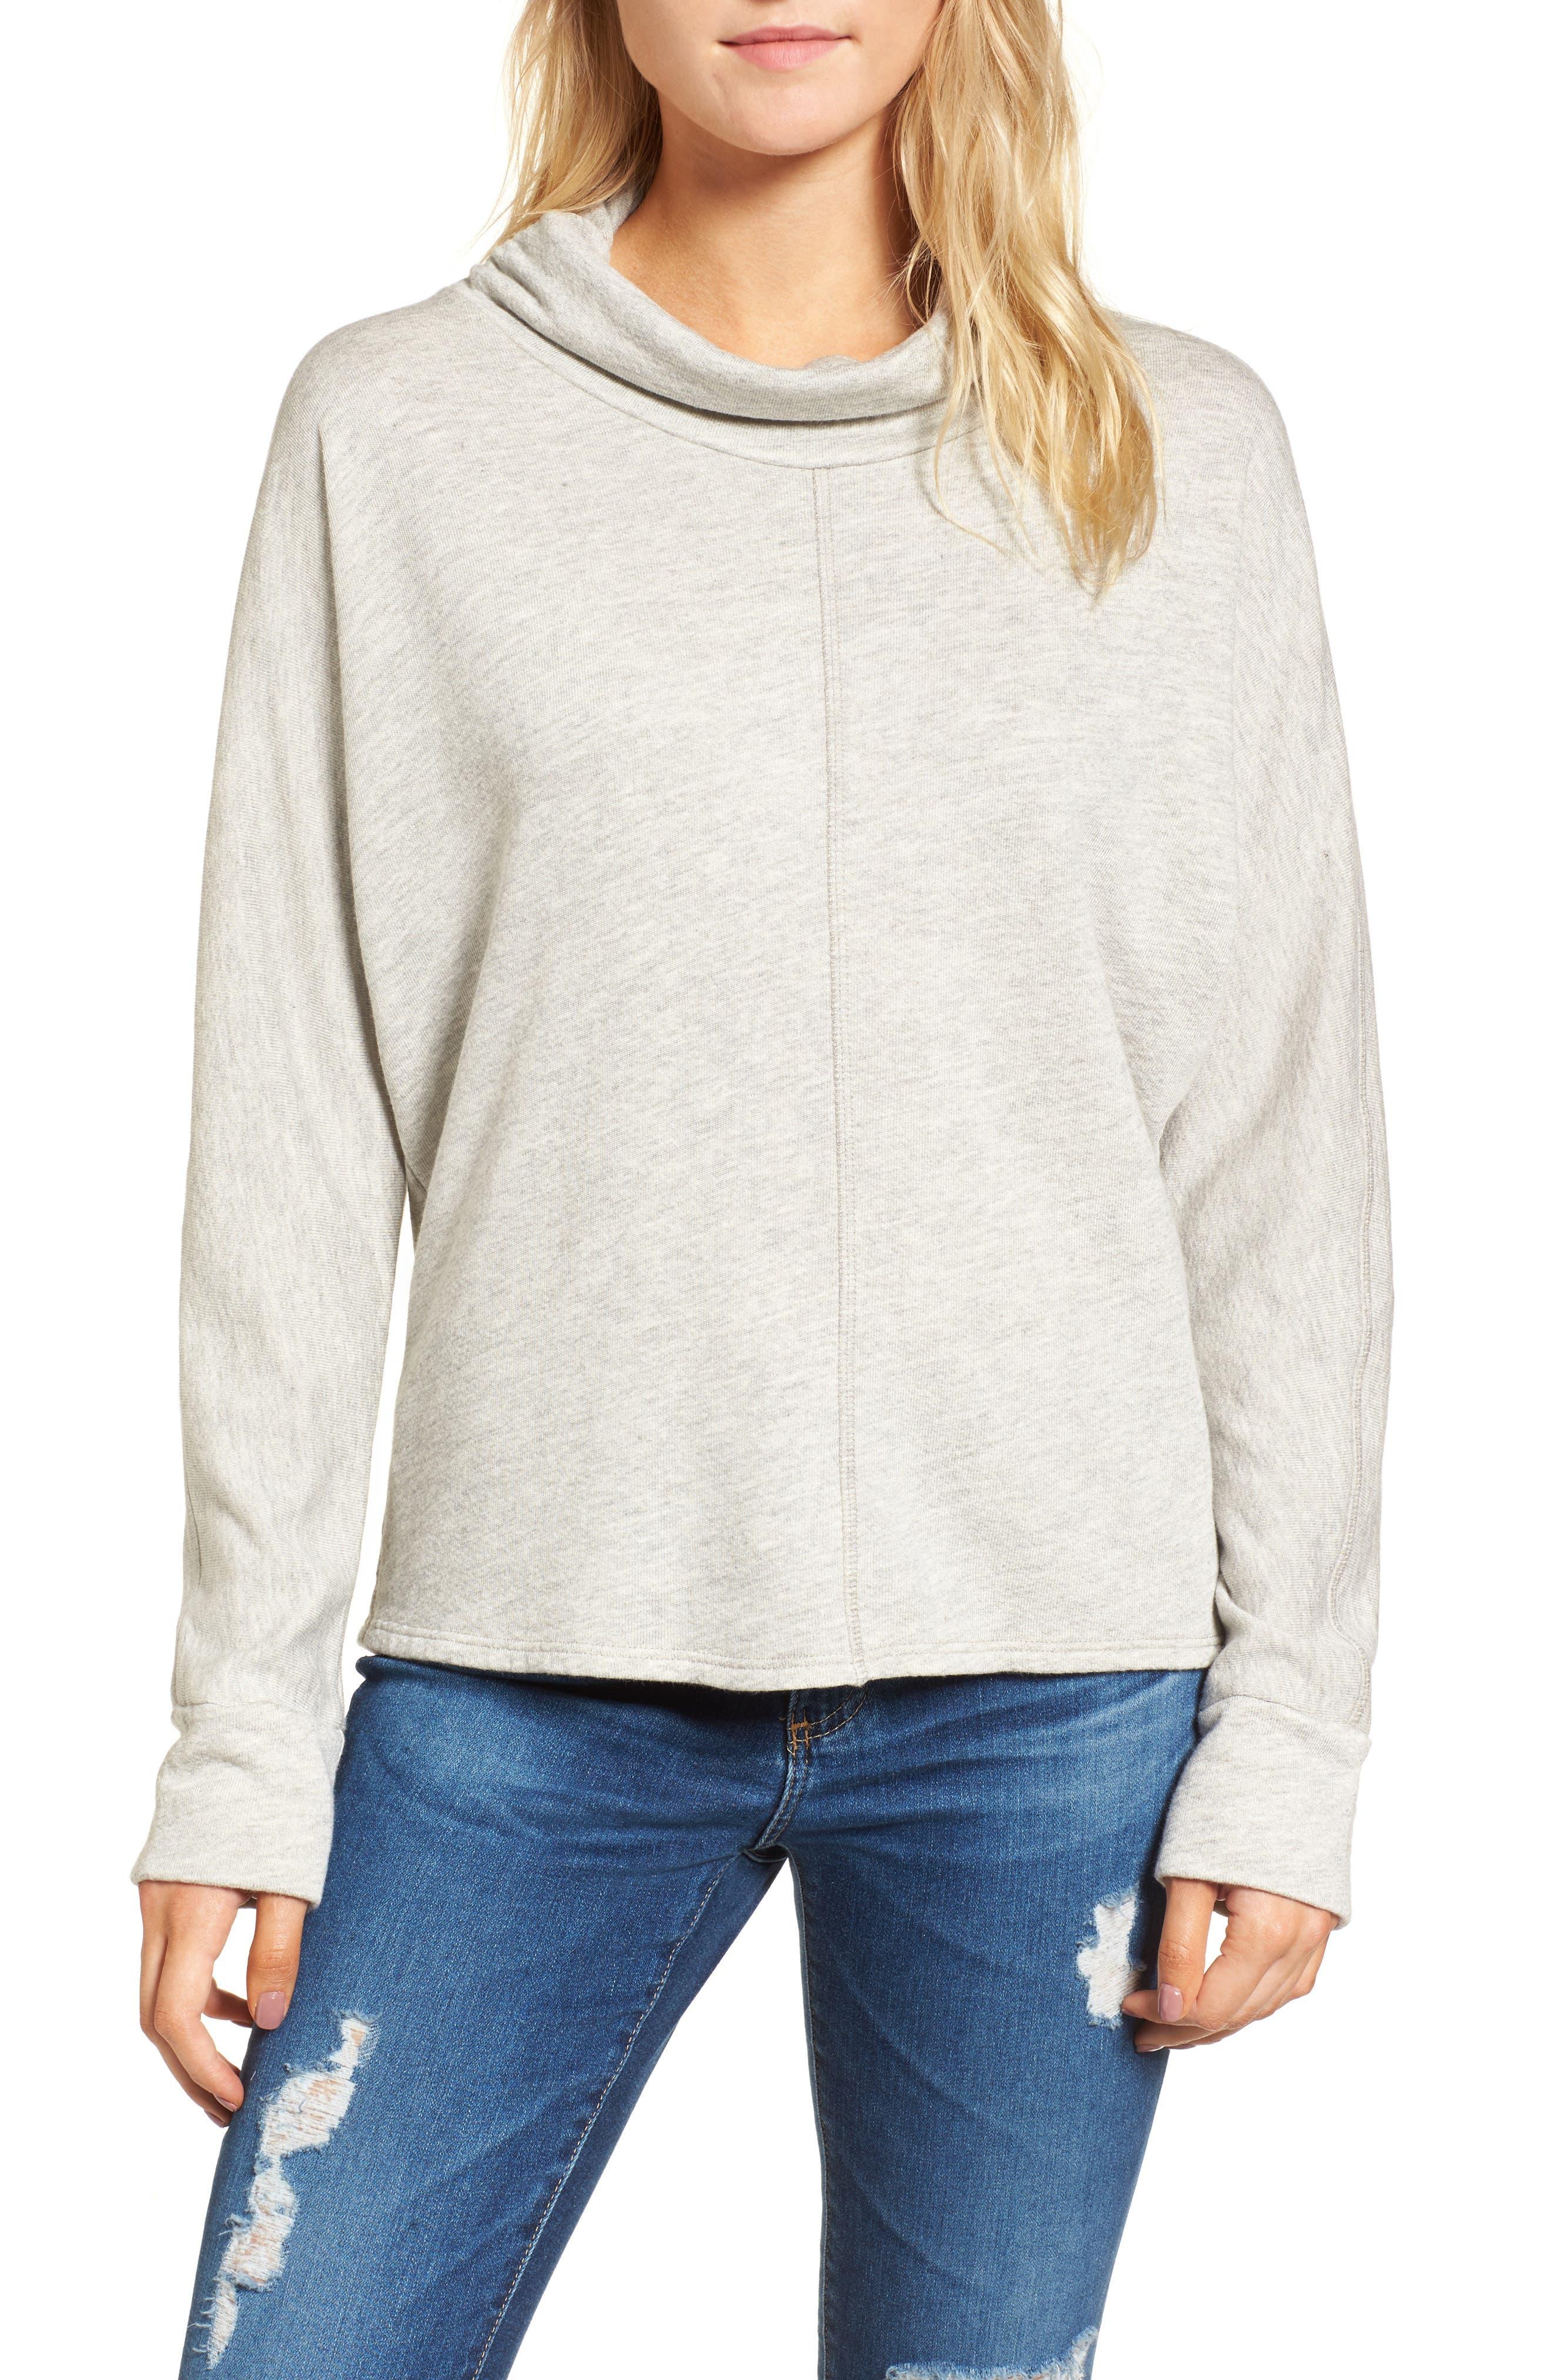 Helix Turtleneck Sweatshirt,                             Main thumbnail 1, color,                             Heather Grey